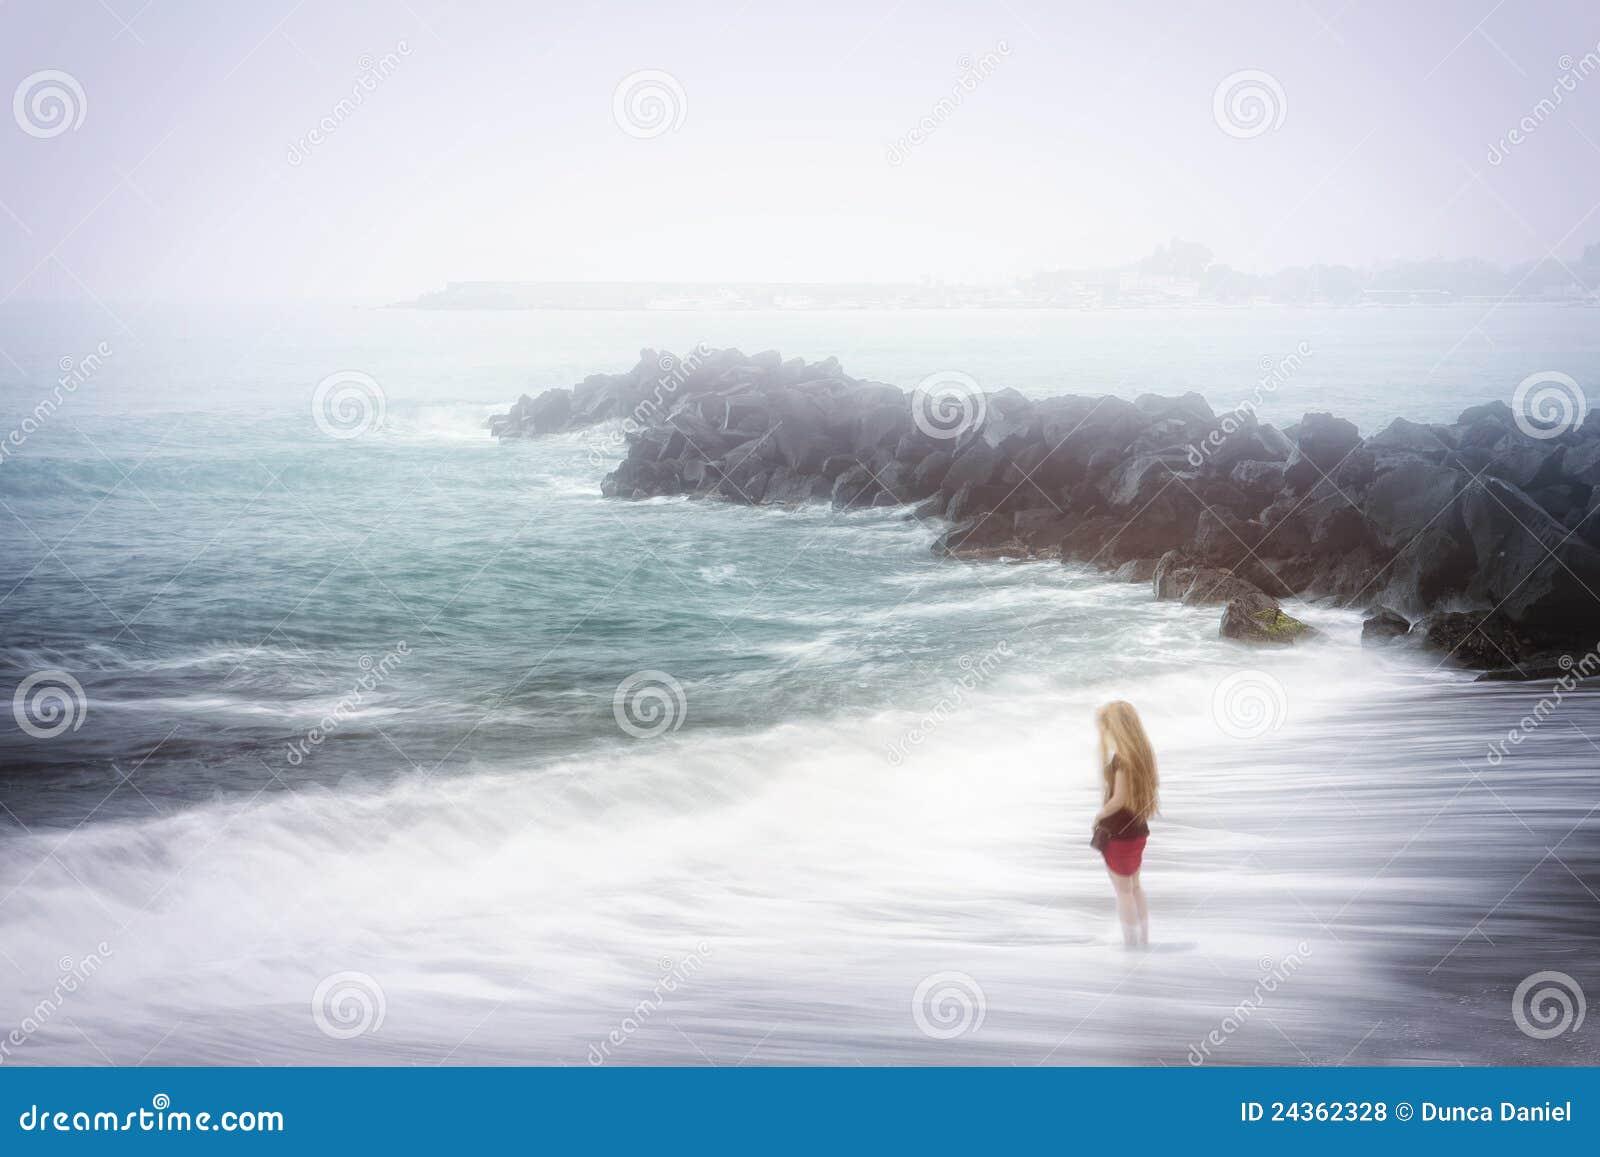 ομιχλώδης θάλασσα θλίψης κατάθλιψης έννοιας